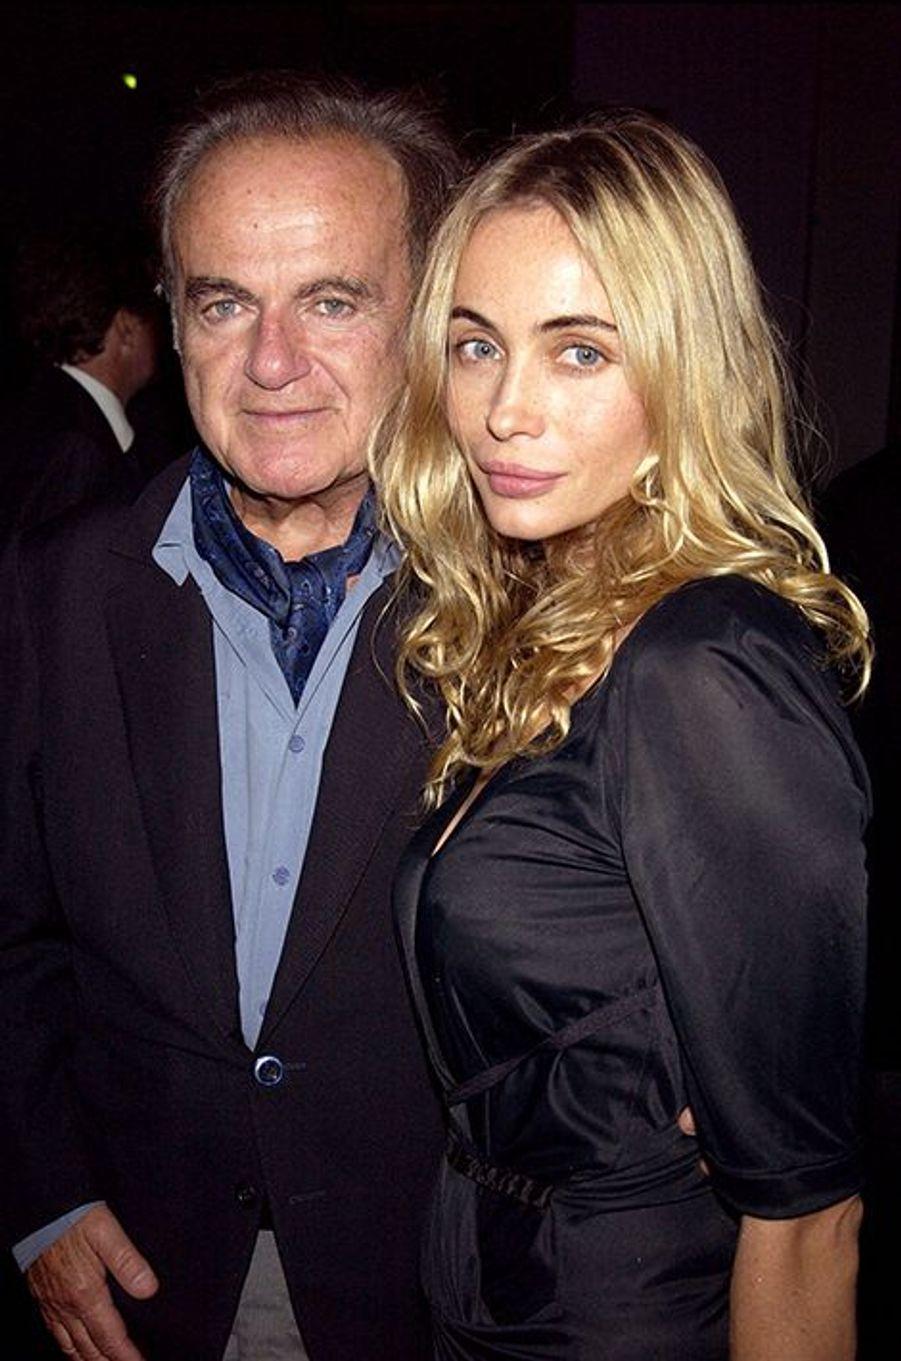 """Guy et Emmanuelle Béart à Paris en 2003. Le binôme assistait à l'événement """"Sony Dream World"""" au Palais des Congrès."""